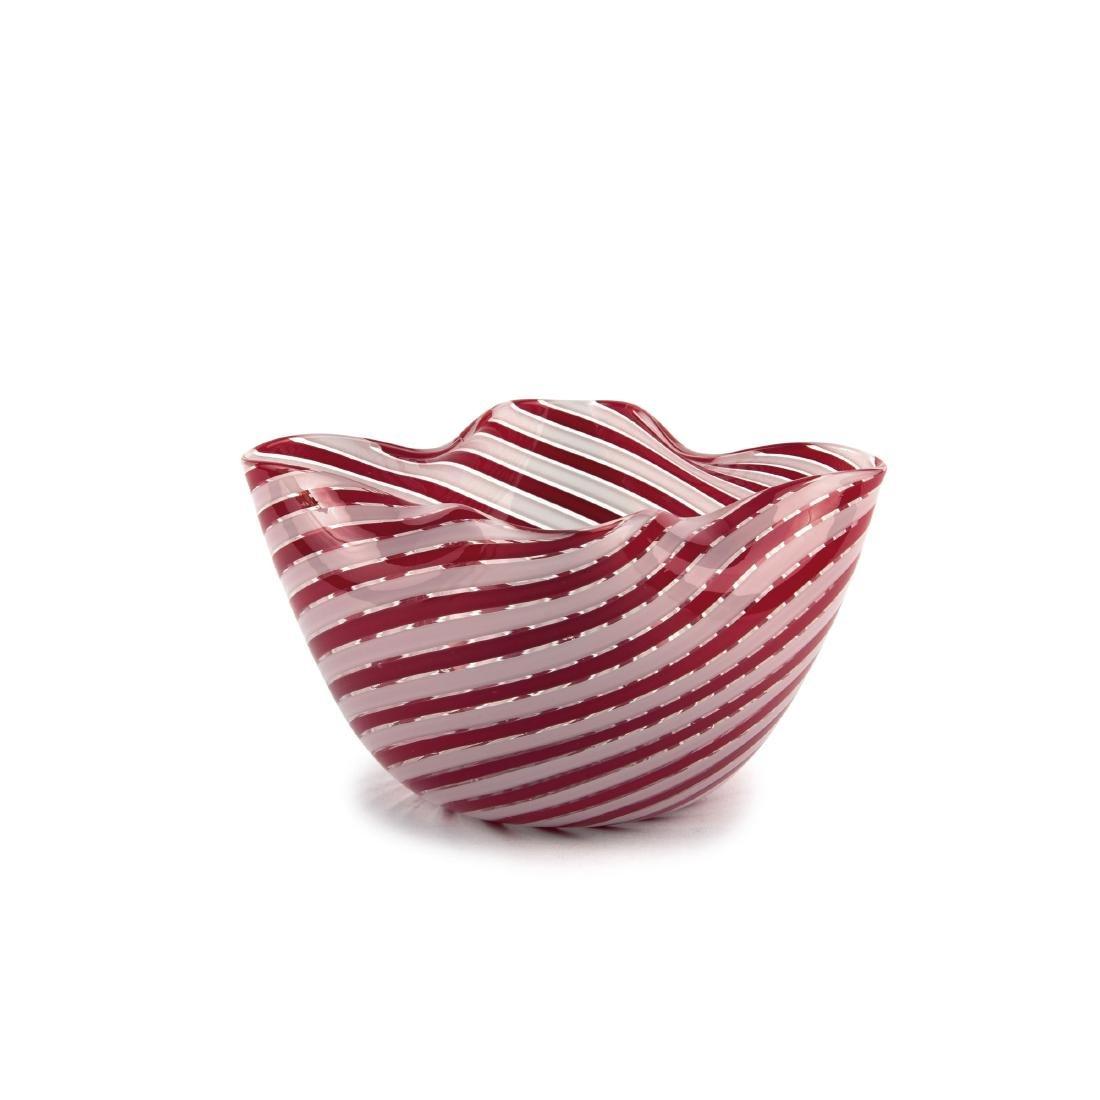 'A fasce' bowl, c1952